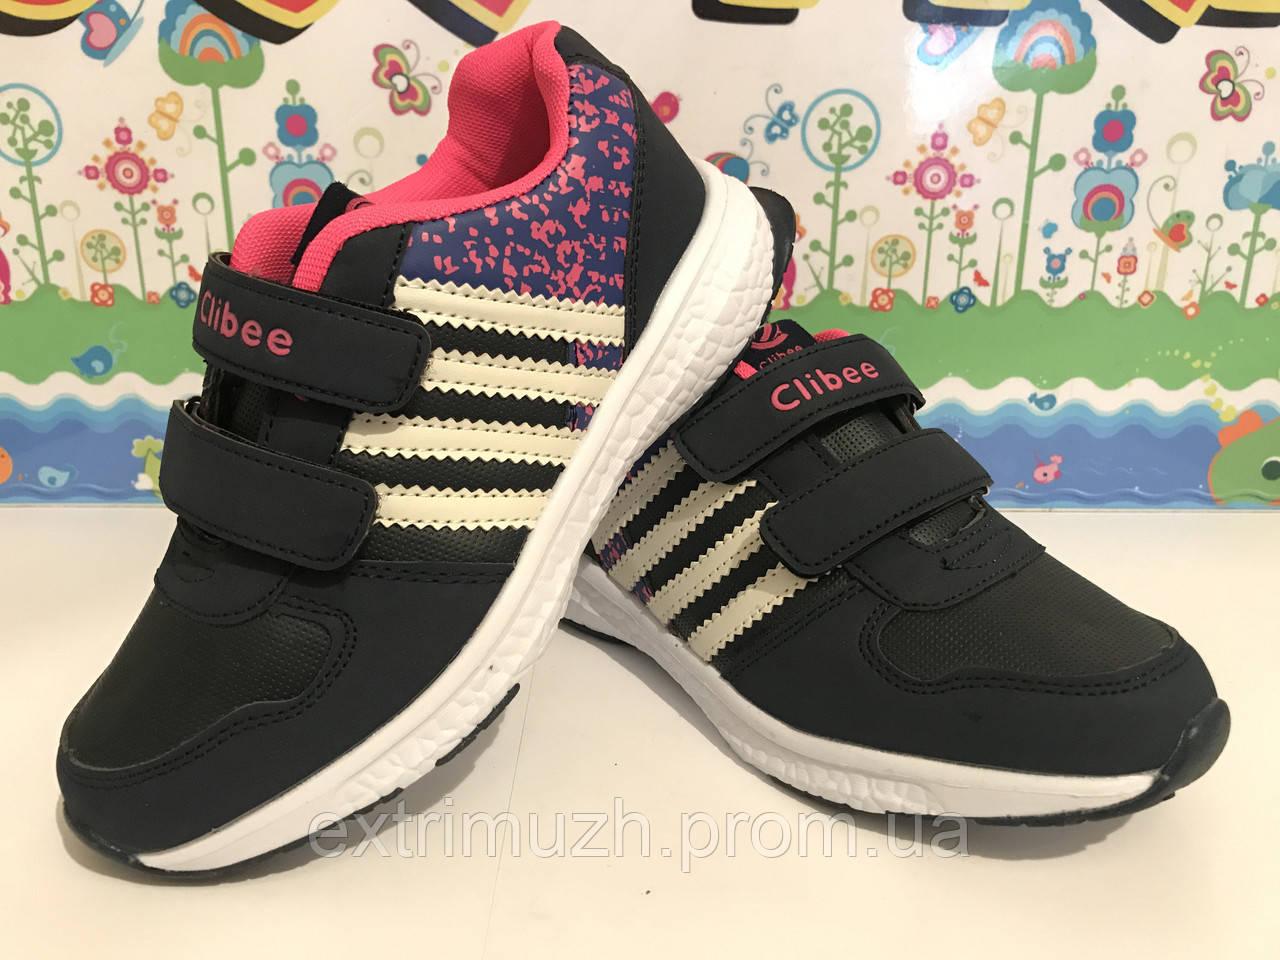 b3cba258 Модные детские кроссовки 32-37, цена 370 грн., купить в Хмельницком ...